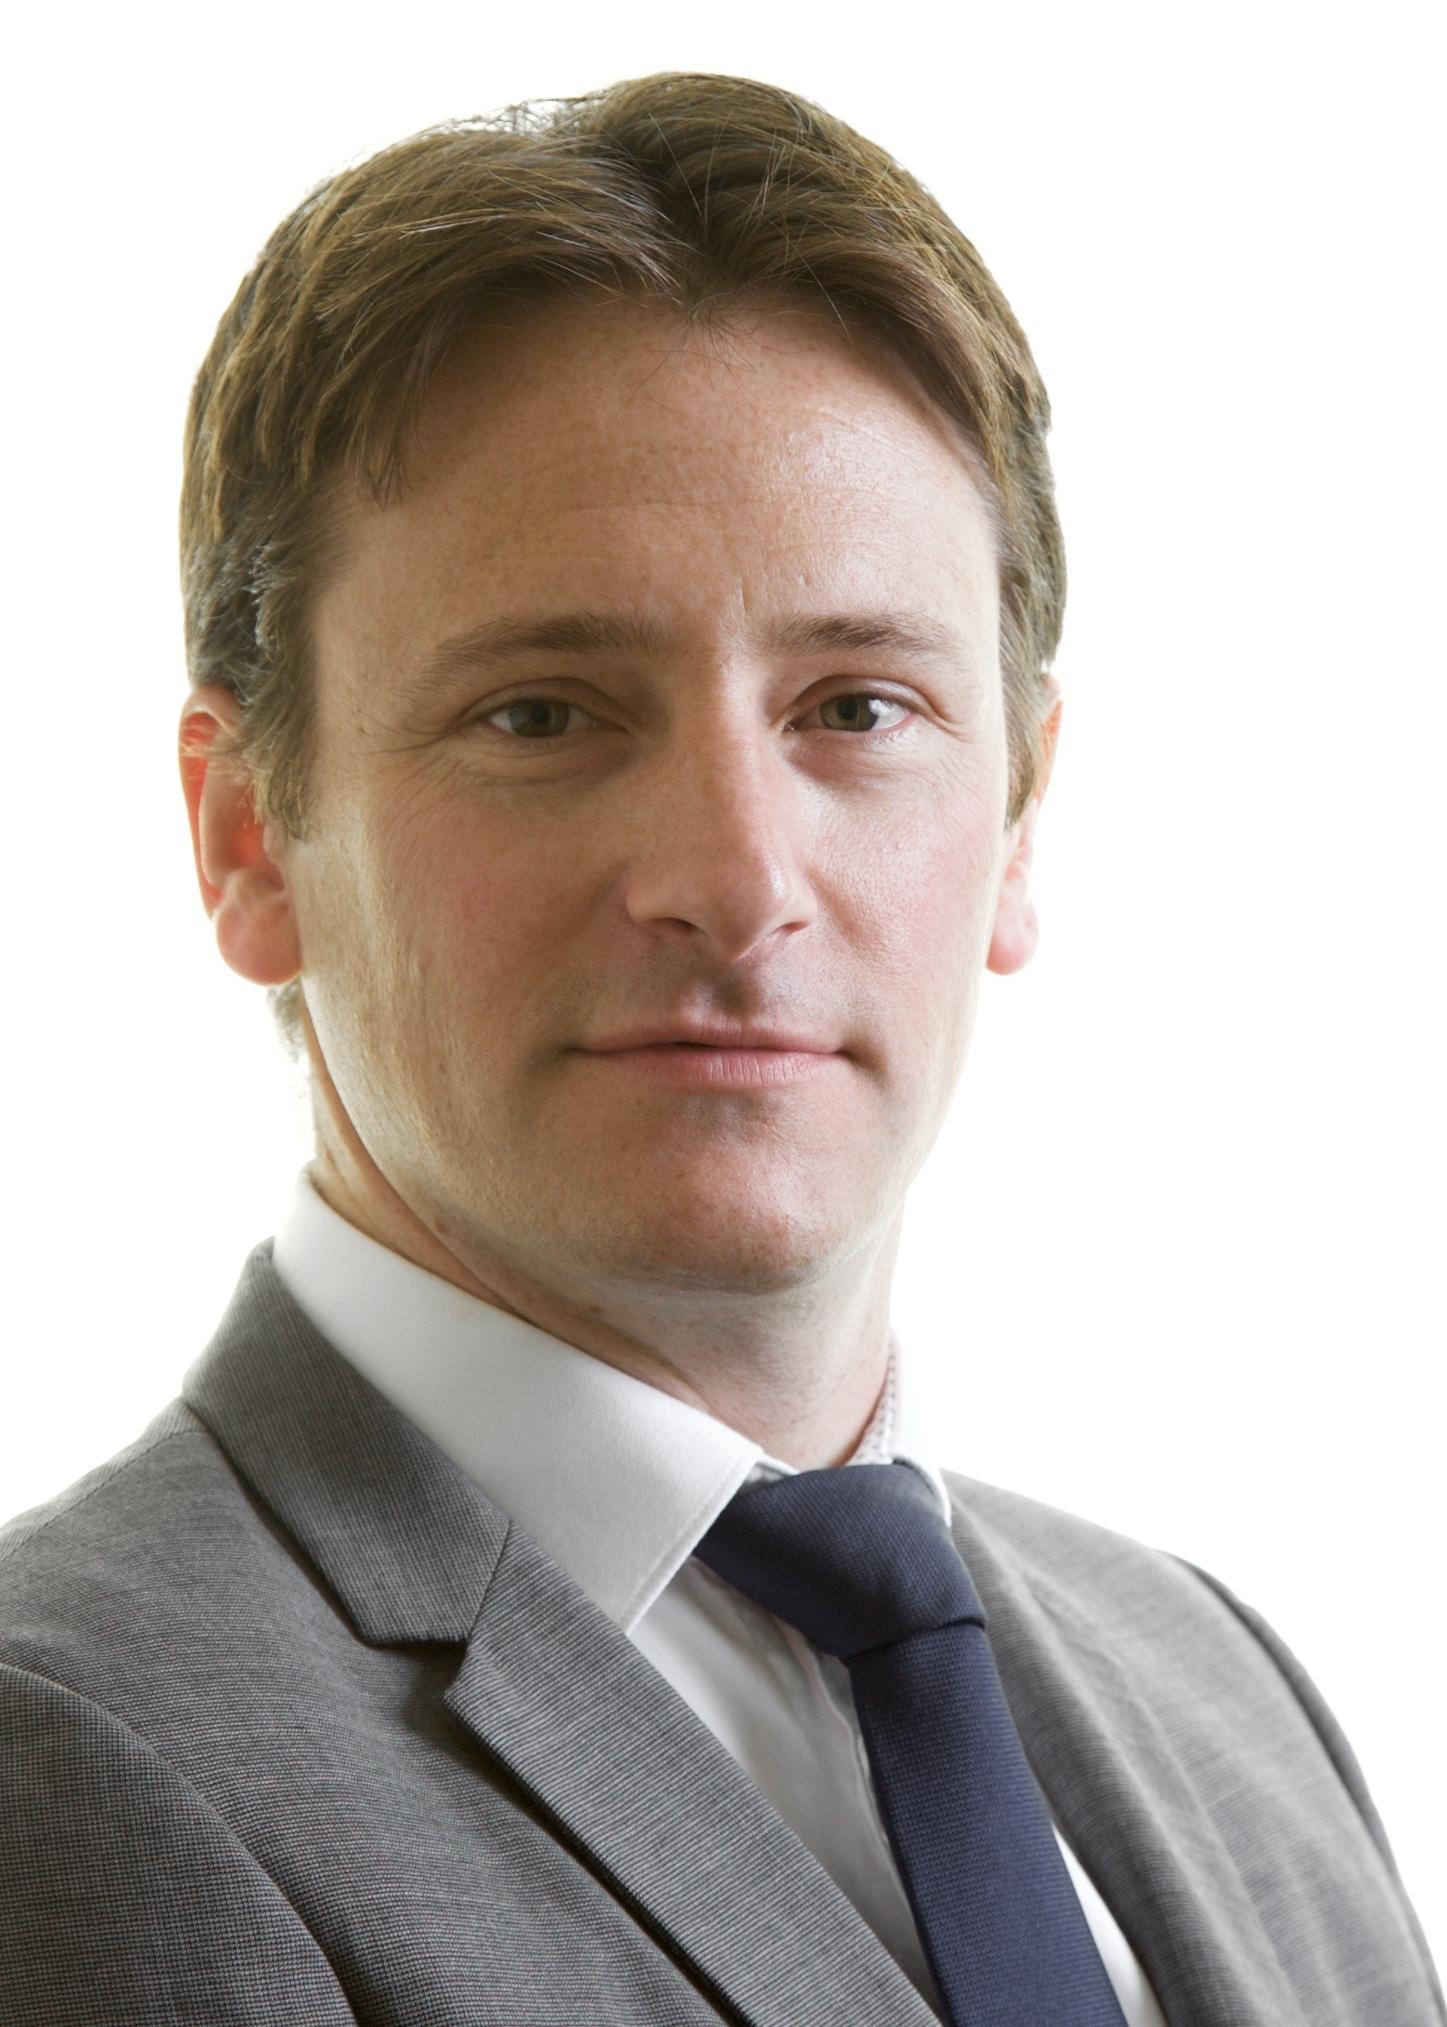 BidFX CEO Jean-Phillipe Male